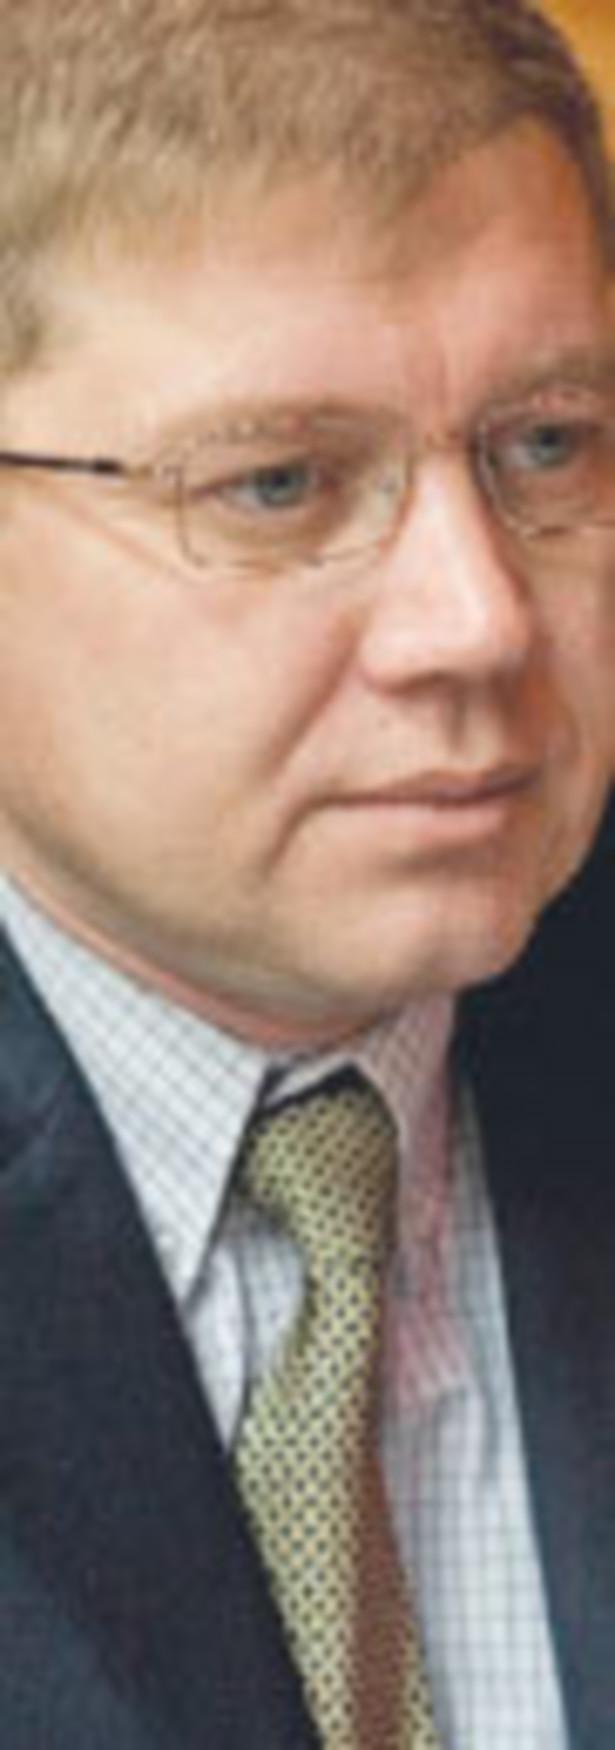 Cezary Kaźmierczak, ekspert Centrum im. Adama Smitha